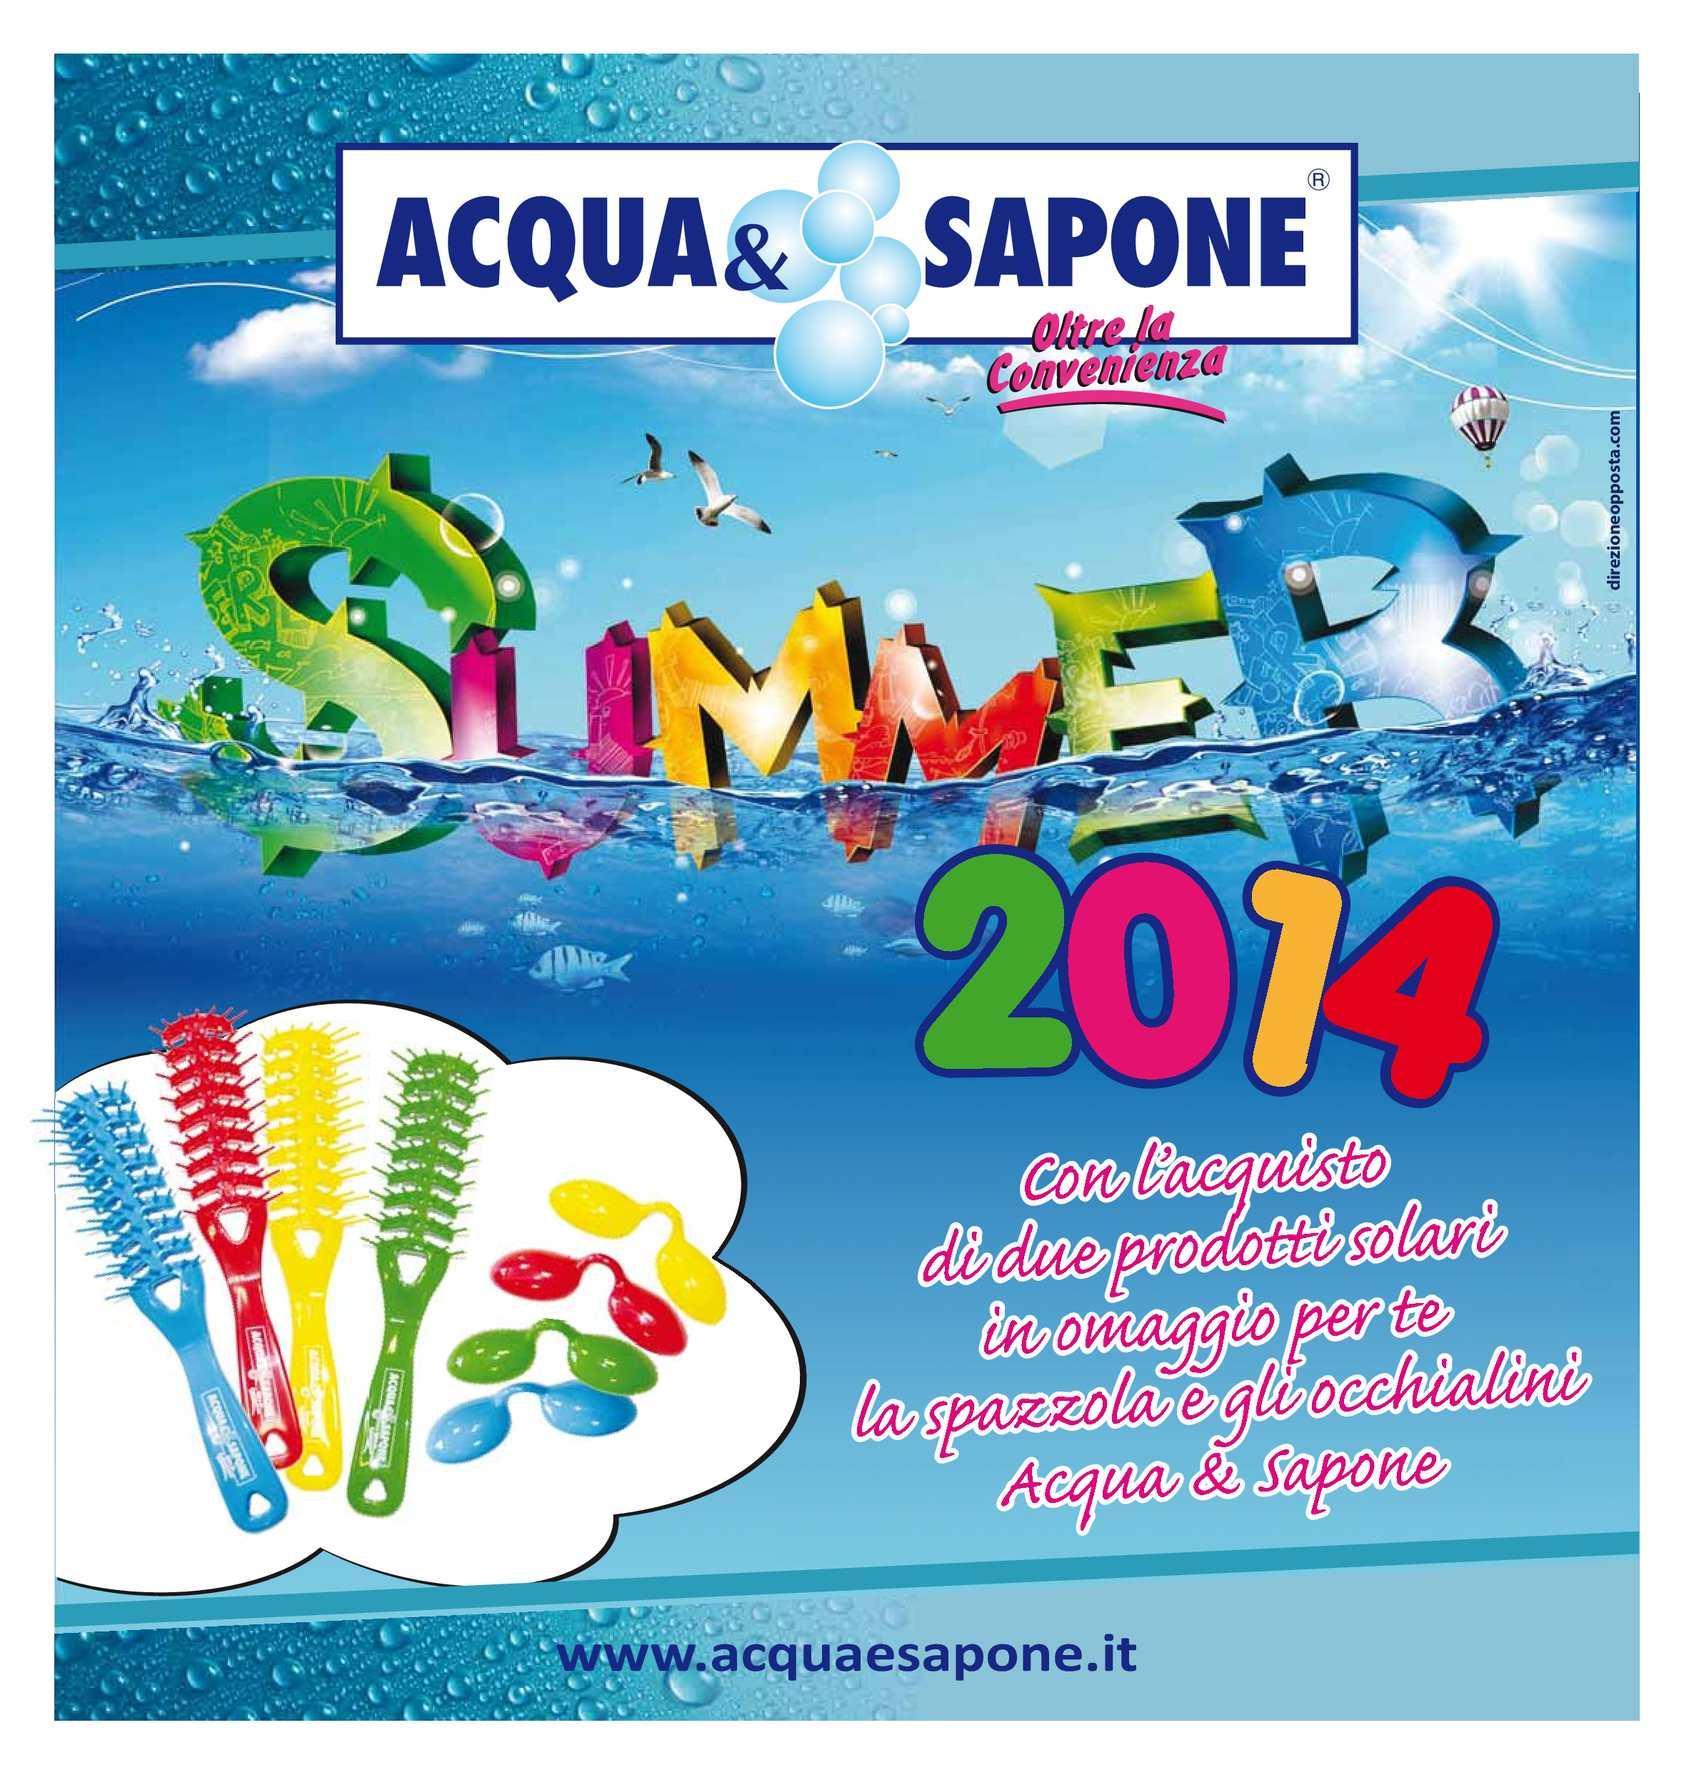 Calam o volantino acqua e sapone sicilia 16lug 2ago for Nuovo volantino acqua e sapone sicilia